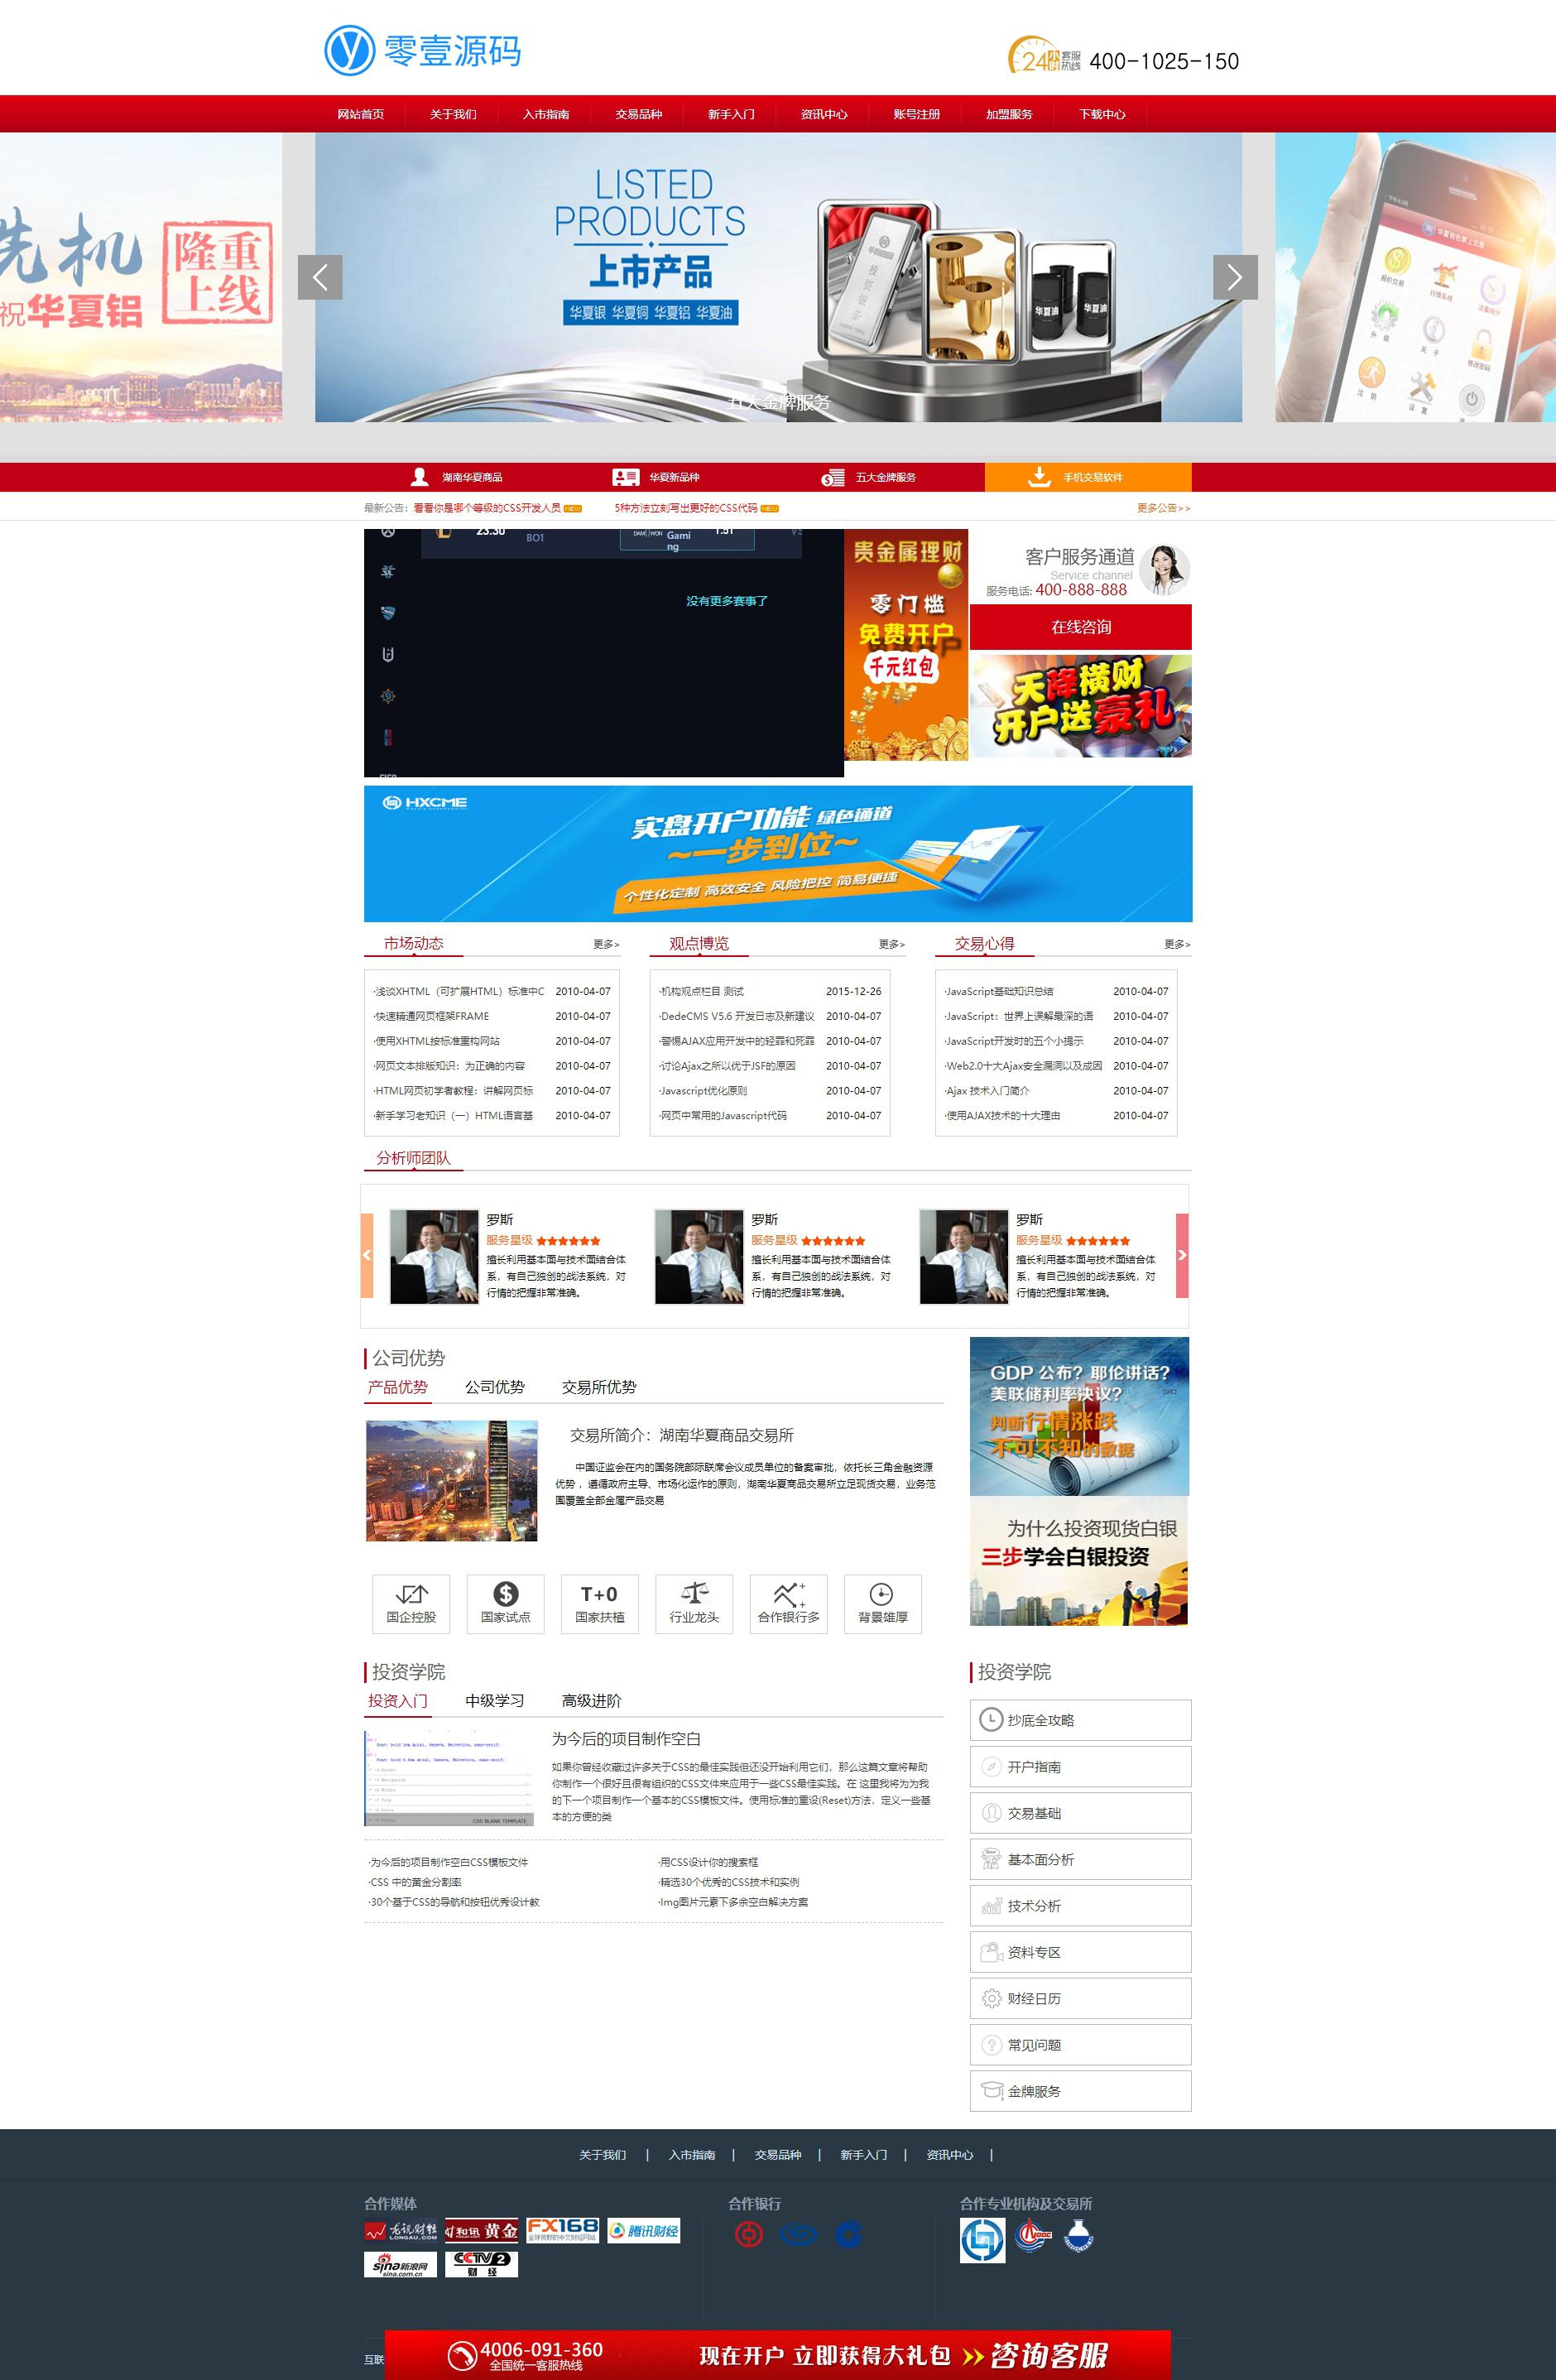 带动态数据的贵金属金融类企业网站织梦dedecms模板